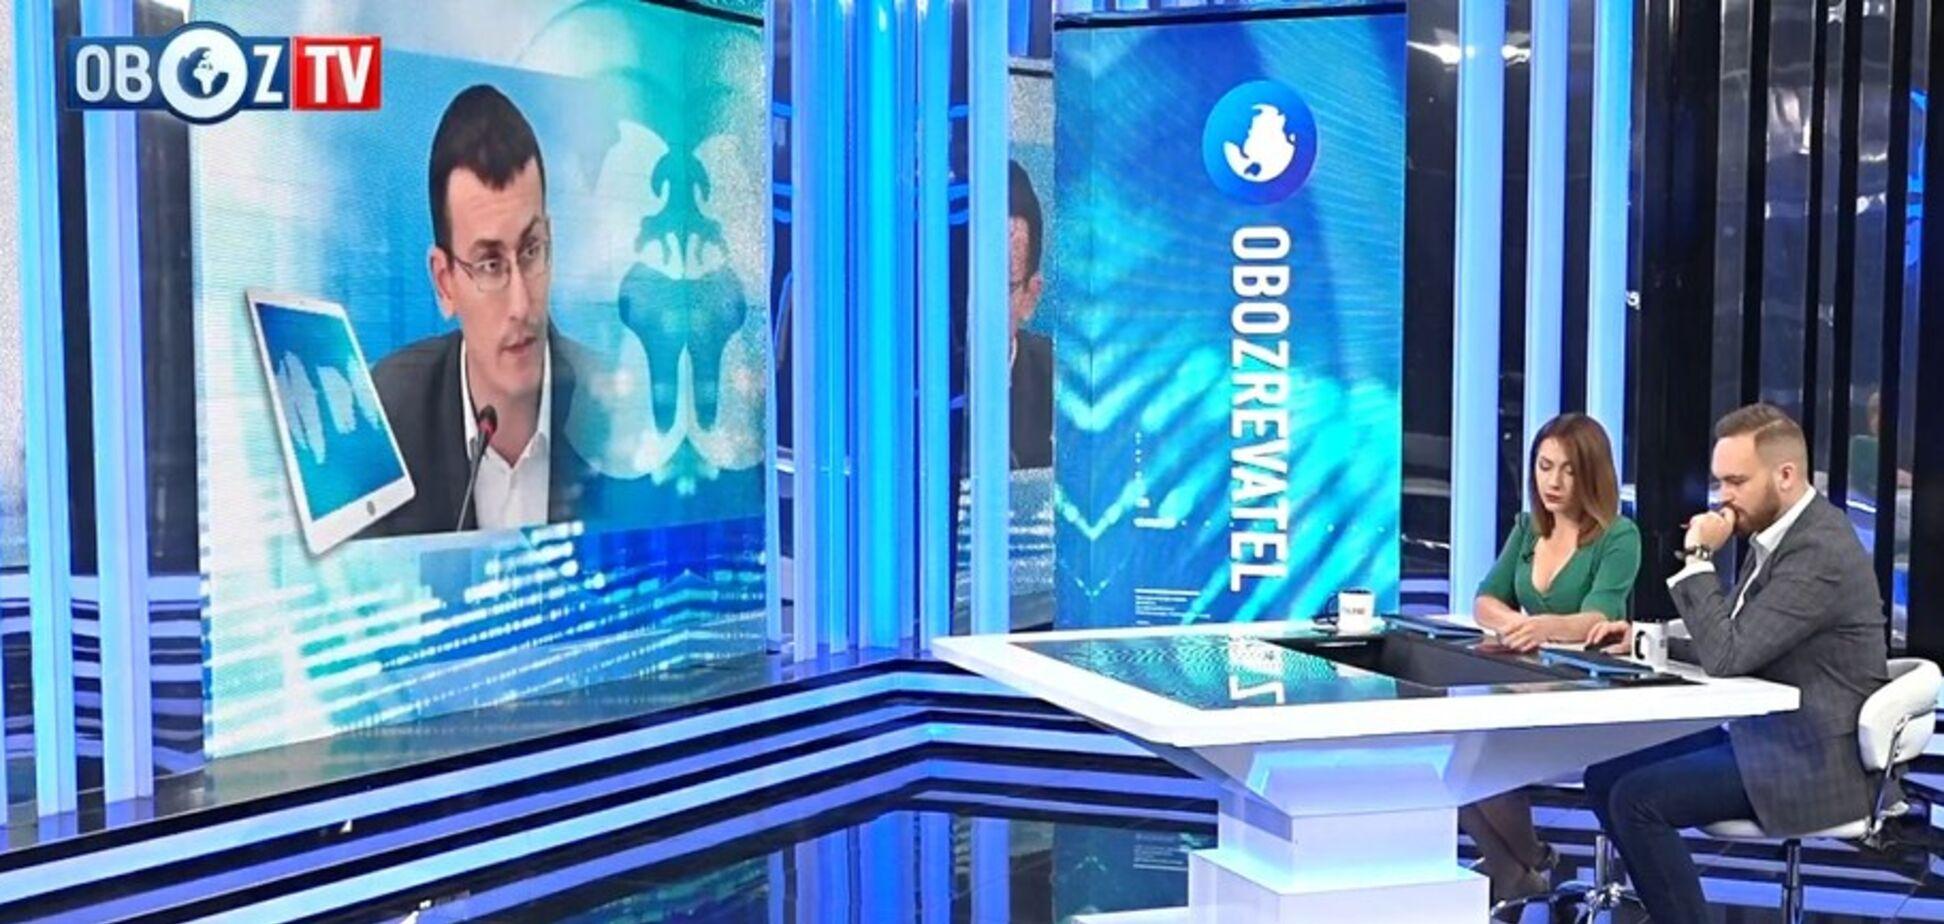 Телеміст з Росією: глава Спілки журналістів України запропонував альтернативу